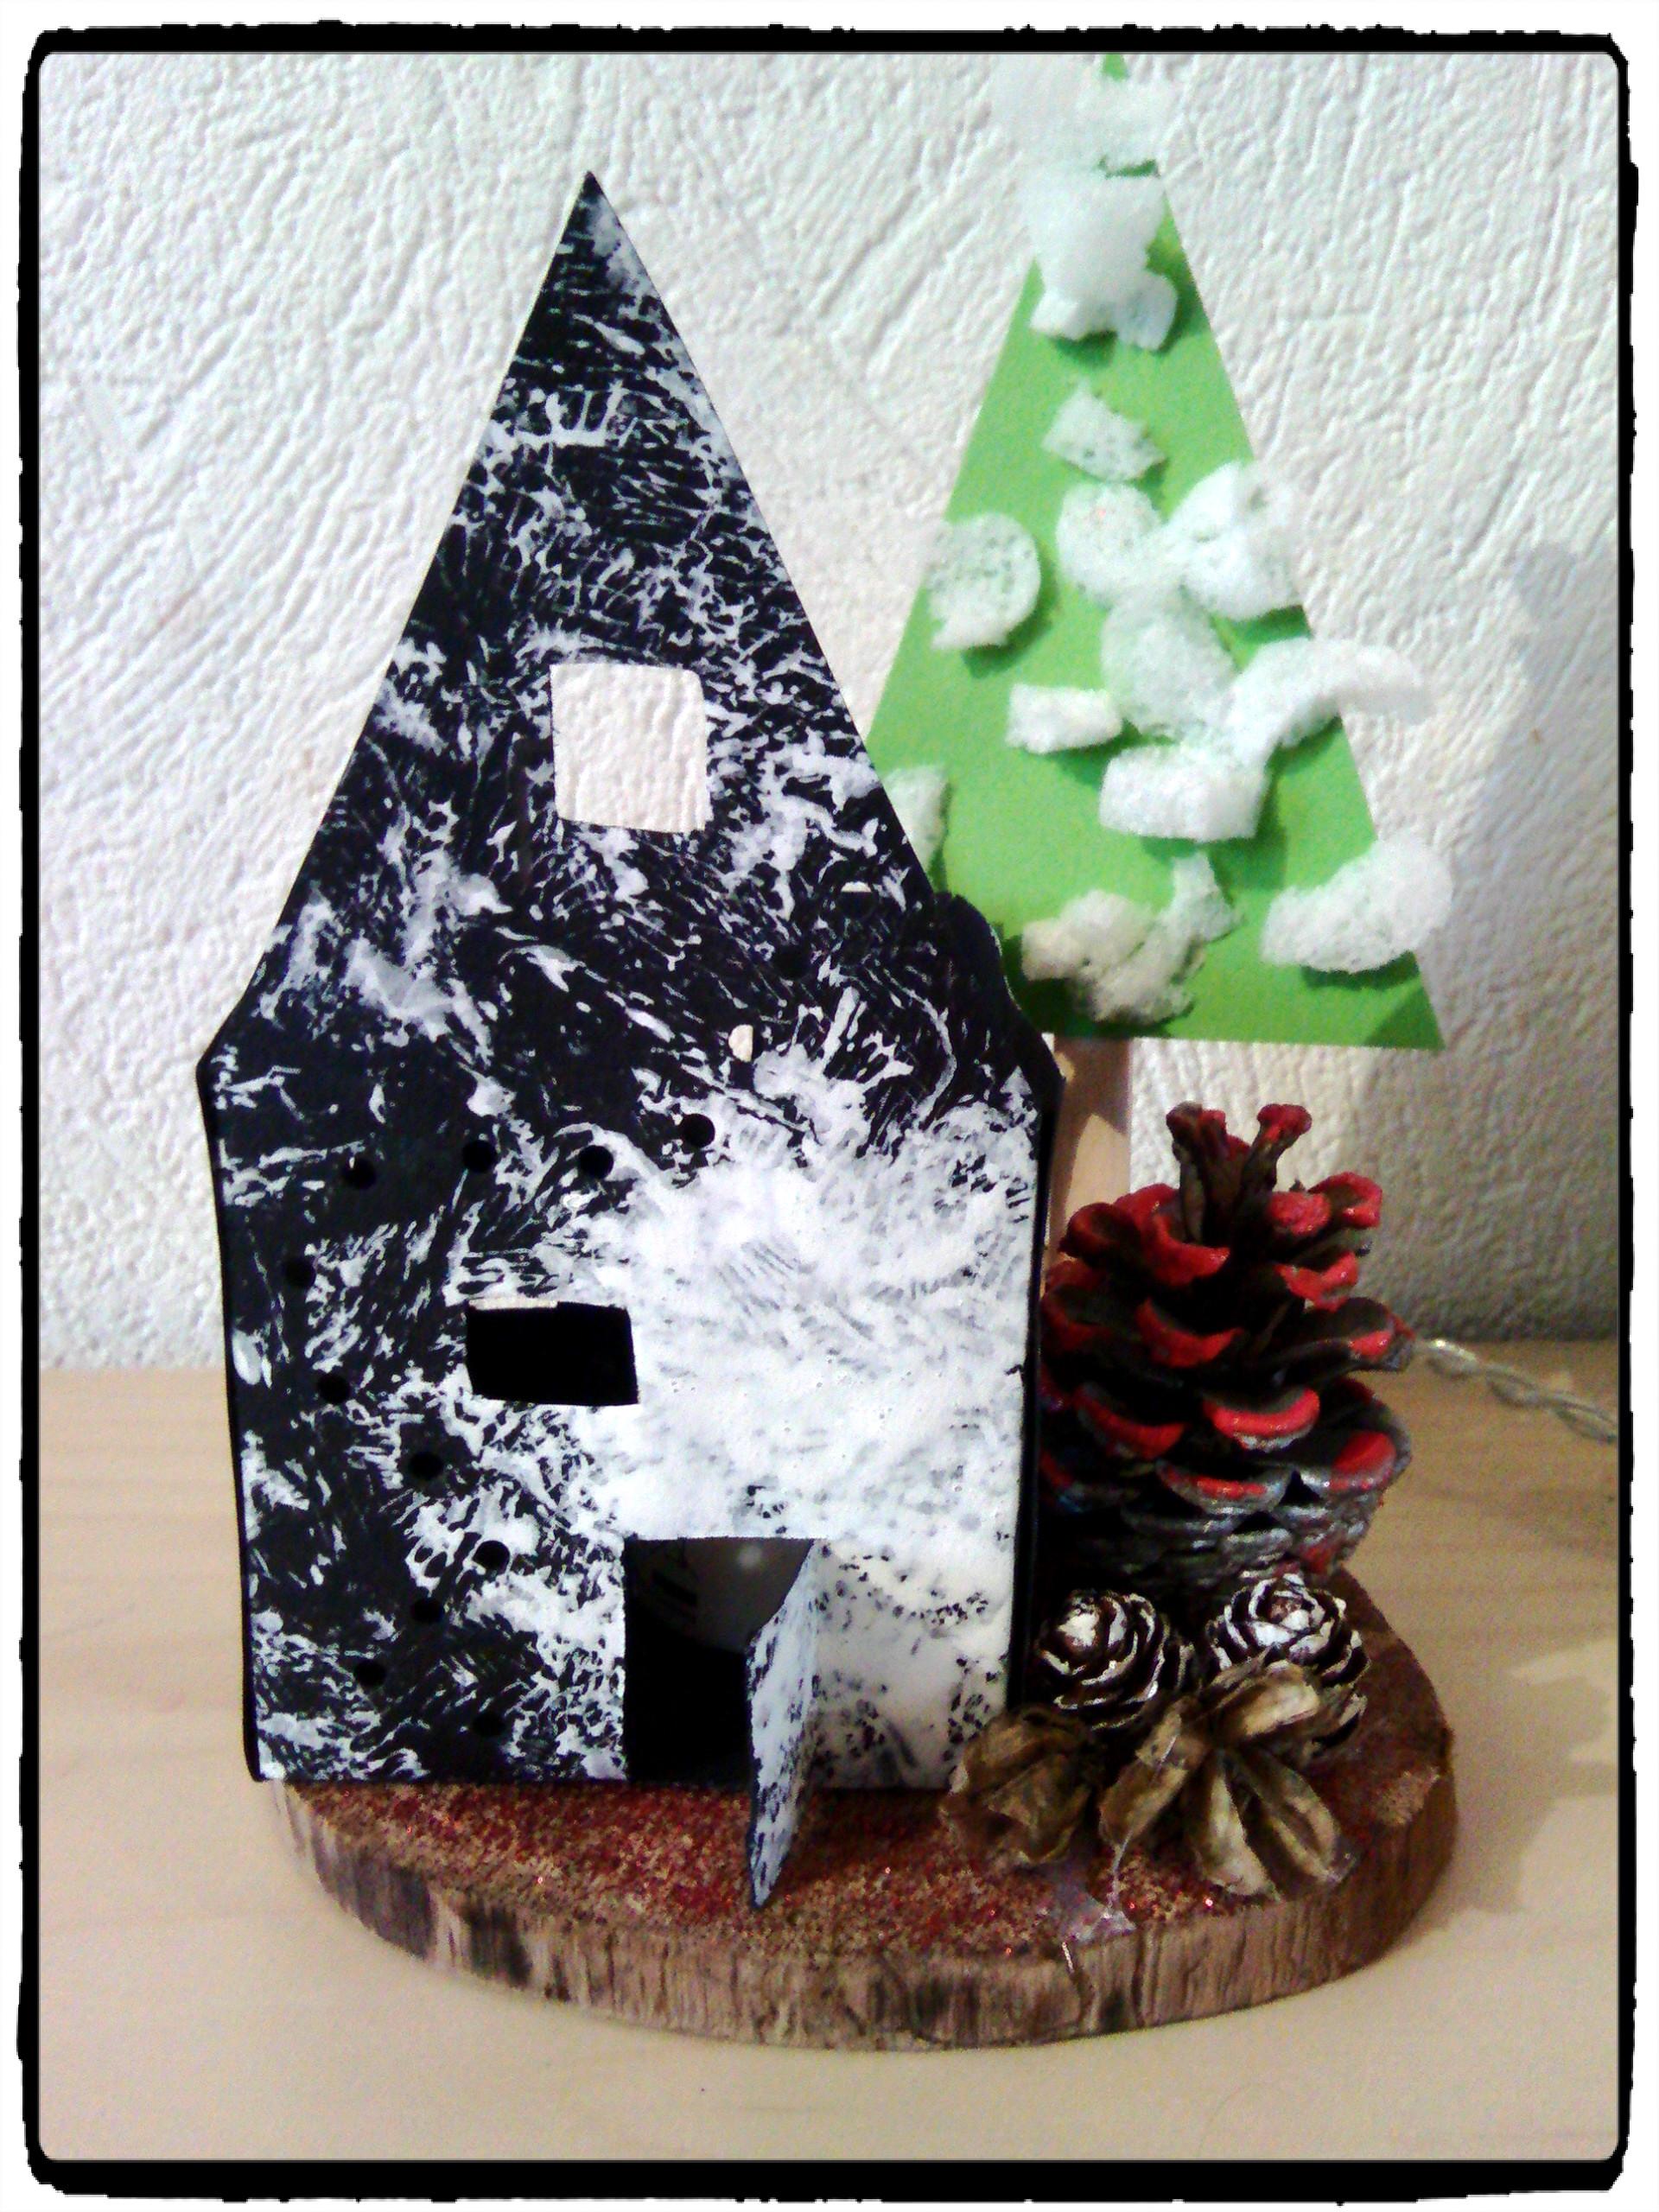 Cadeau de no l une maison sous la neige mes humeurs cr atives - Cadeau de noel maison ...